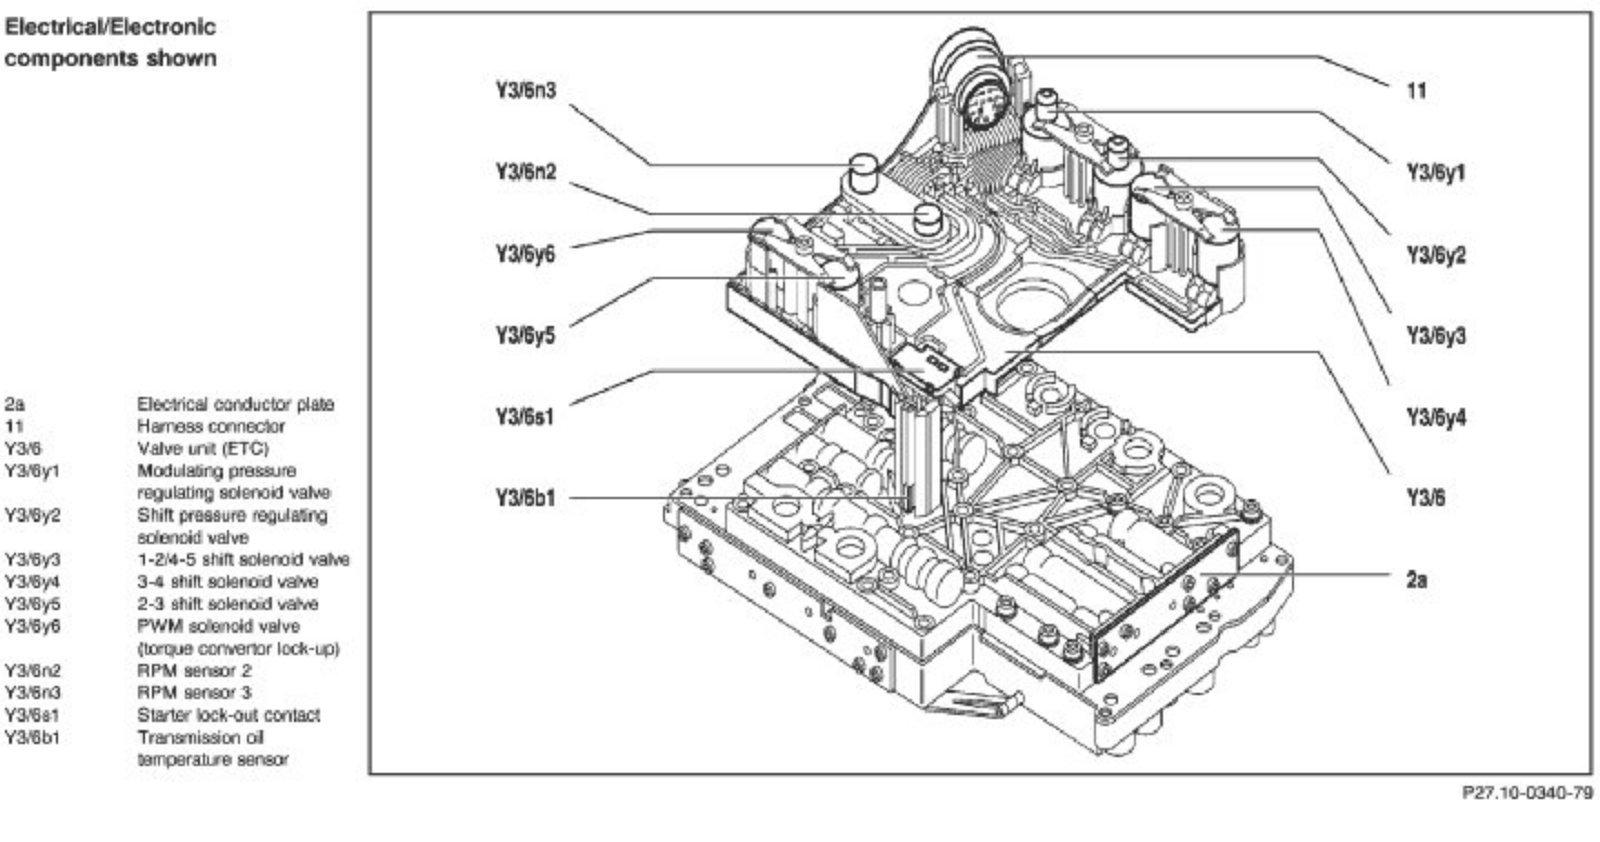 97 Mercedes E 420 Wiring Diagram 270 230 94 E420 Benz On Sel